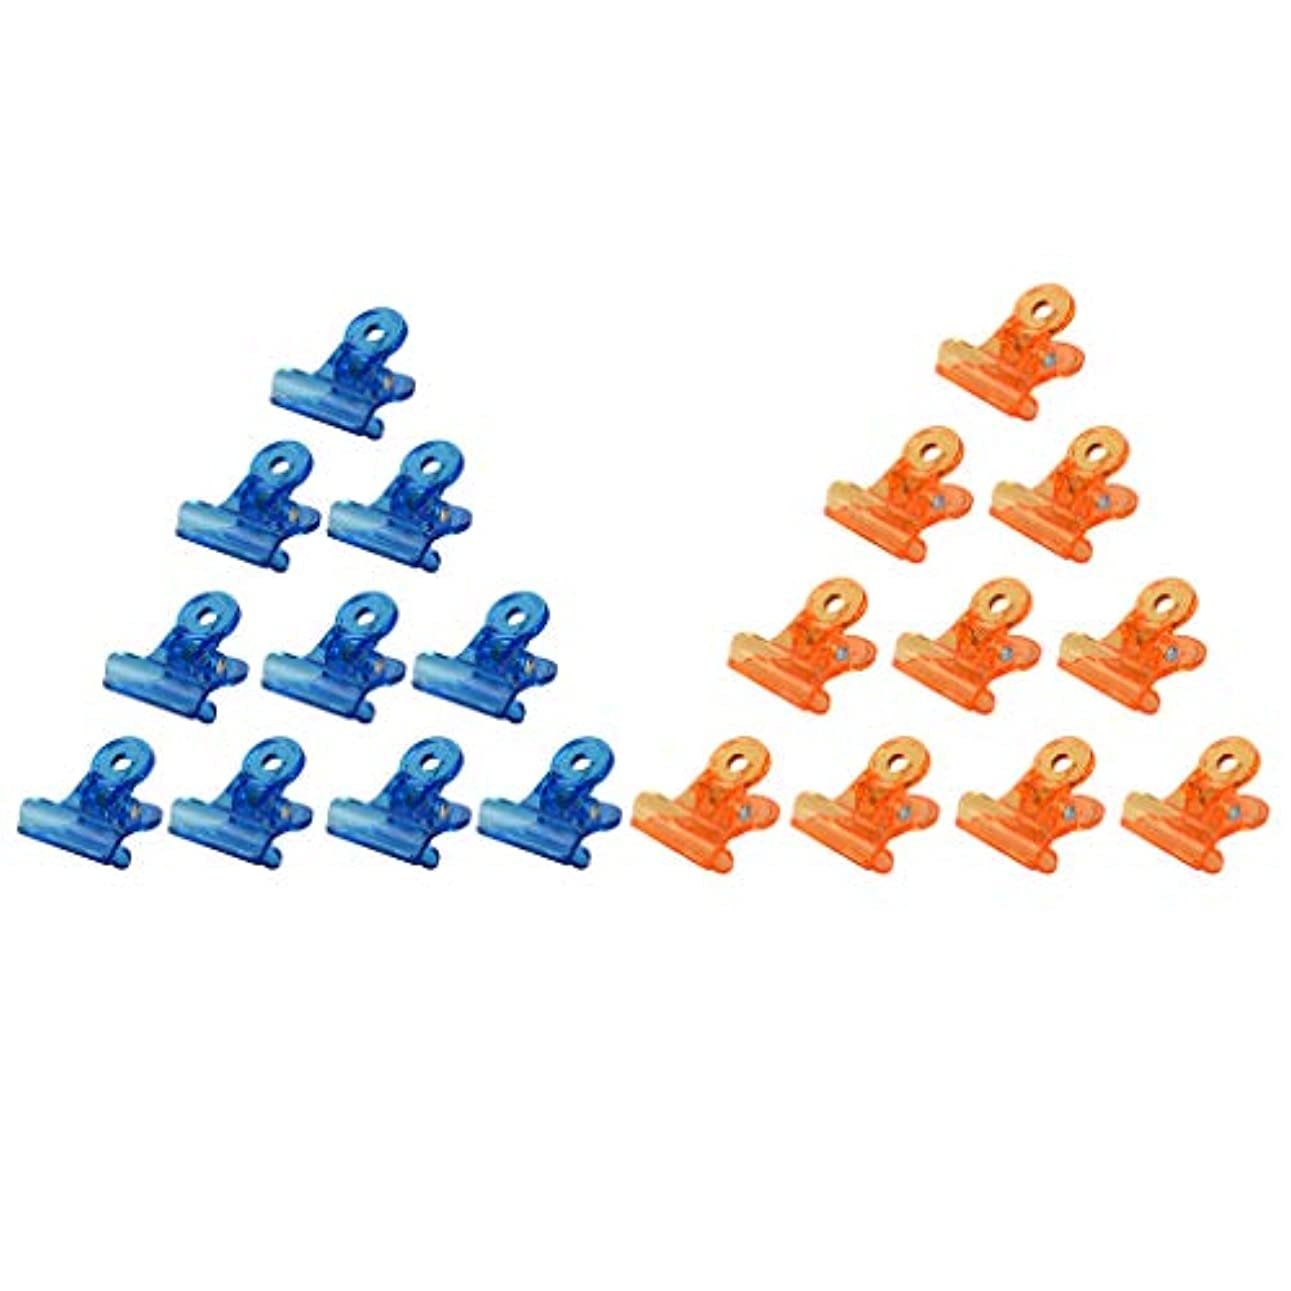 分類クローゼット主権者CUTICATE ネイルクリップ ネイルアート ジェルネイルポリッシュ クリーナー ネイルツール ネイルクリップ 全3種 - オレンジ+ブルー